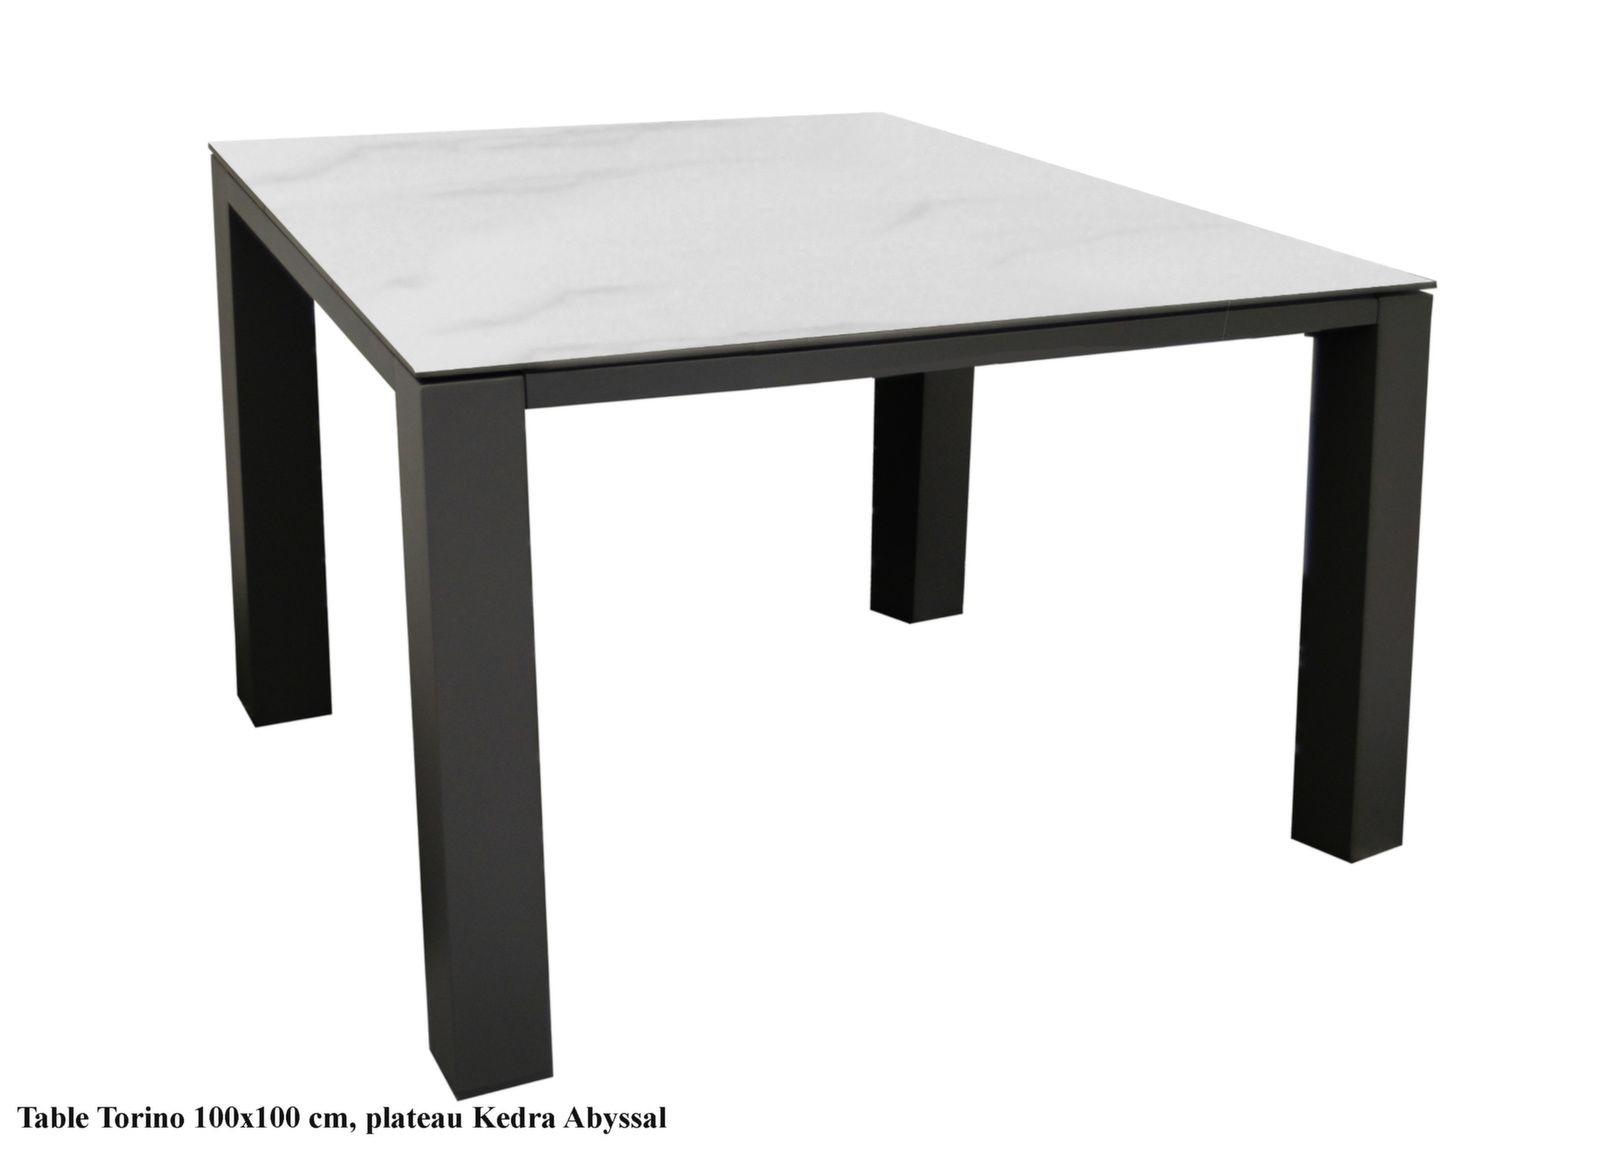 table torino 100x100 cm plateau kedra